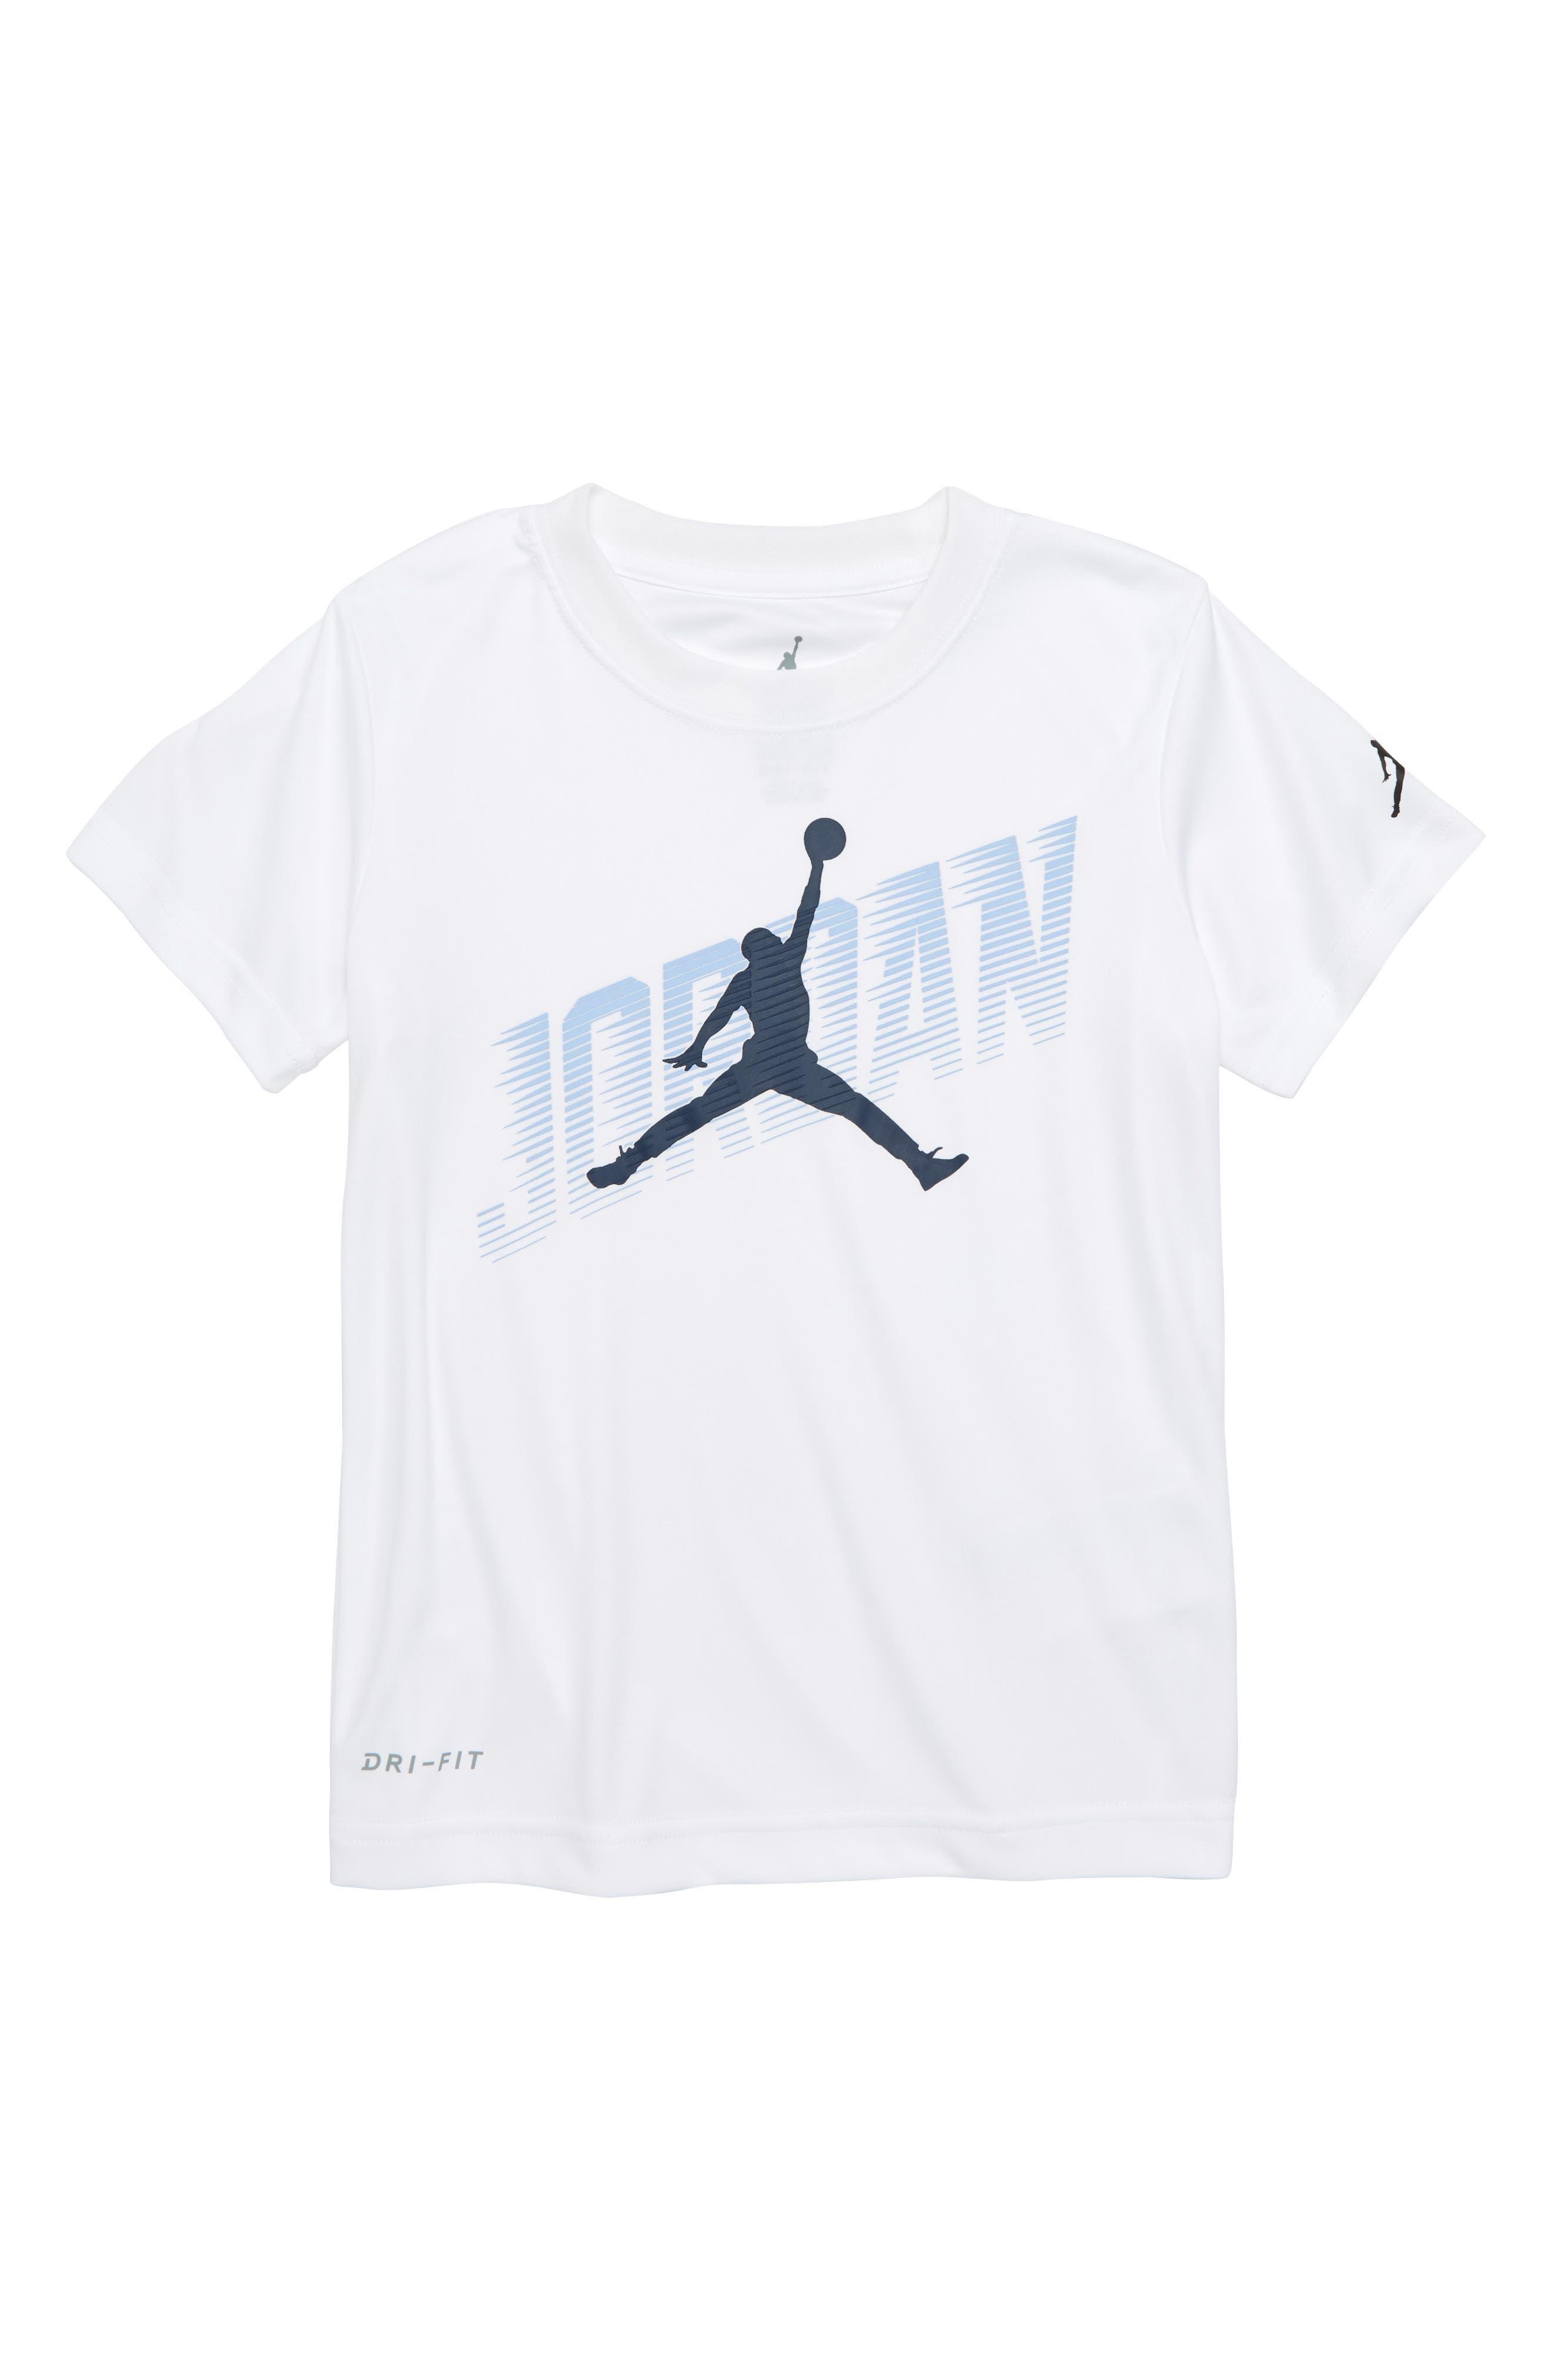 Quick Flight Dri-FIT T-Shirt,                             Main thumbnail 1, color,                             White